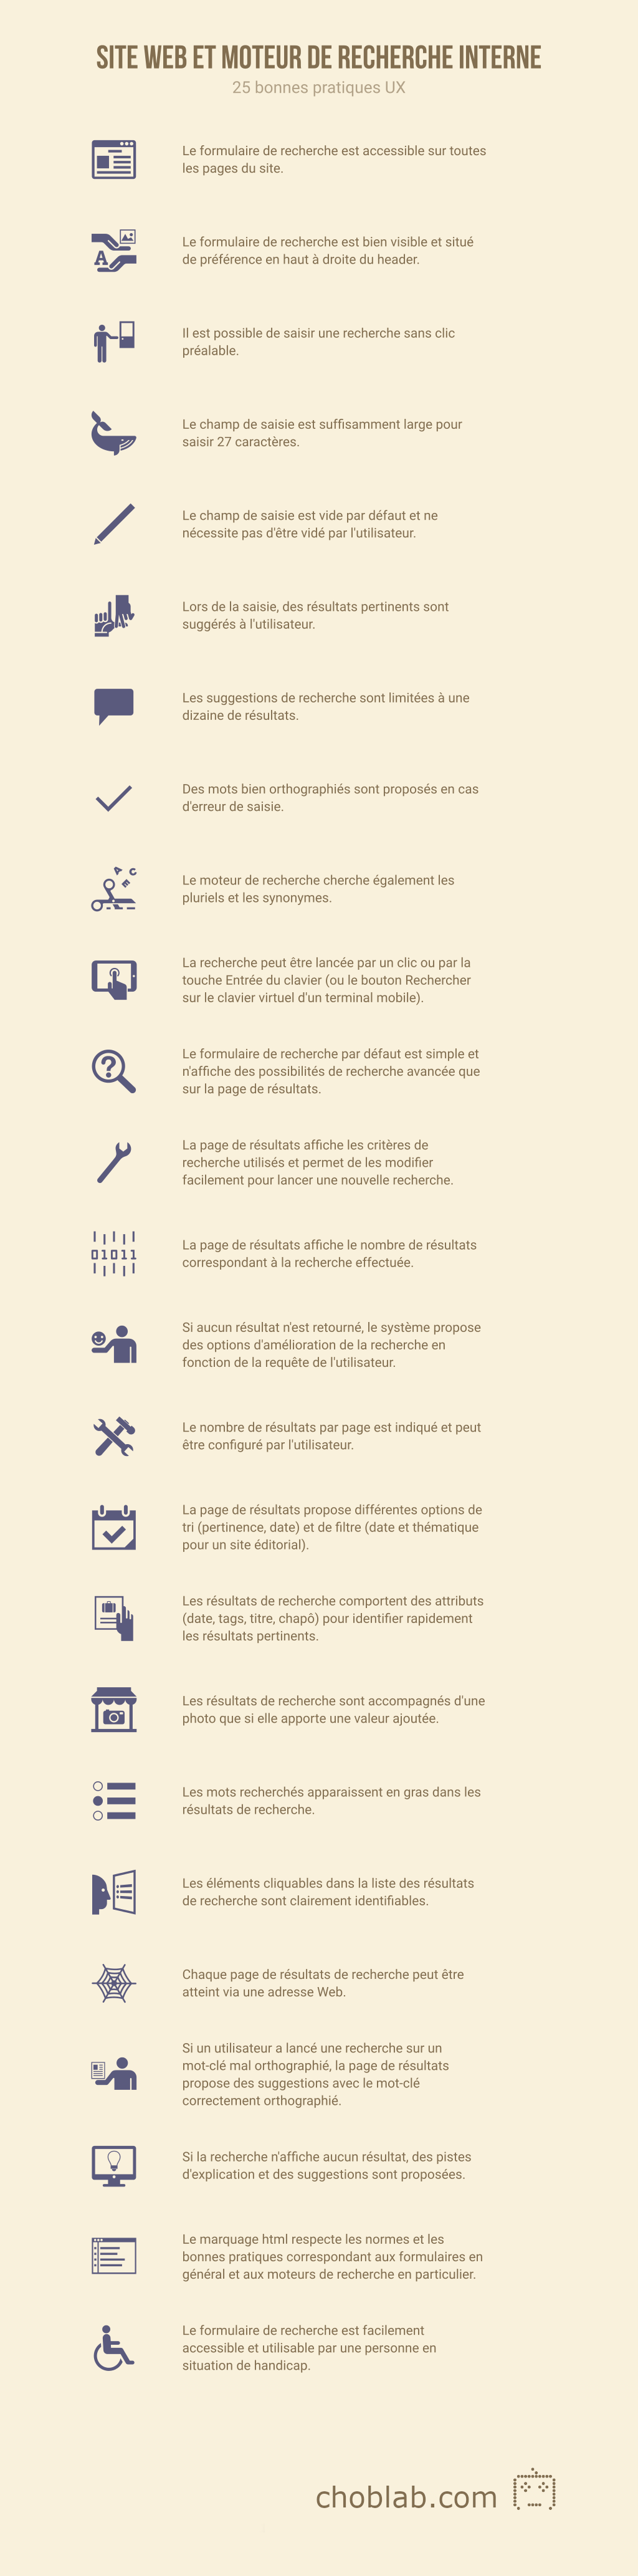 Site web et moteur de recherche interne : checklist des bonnes pratiques #UX infographie